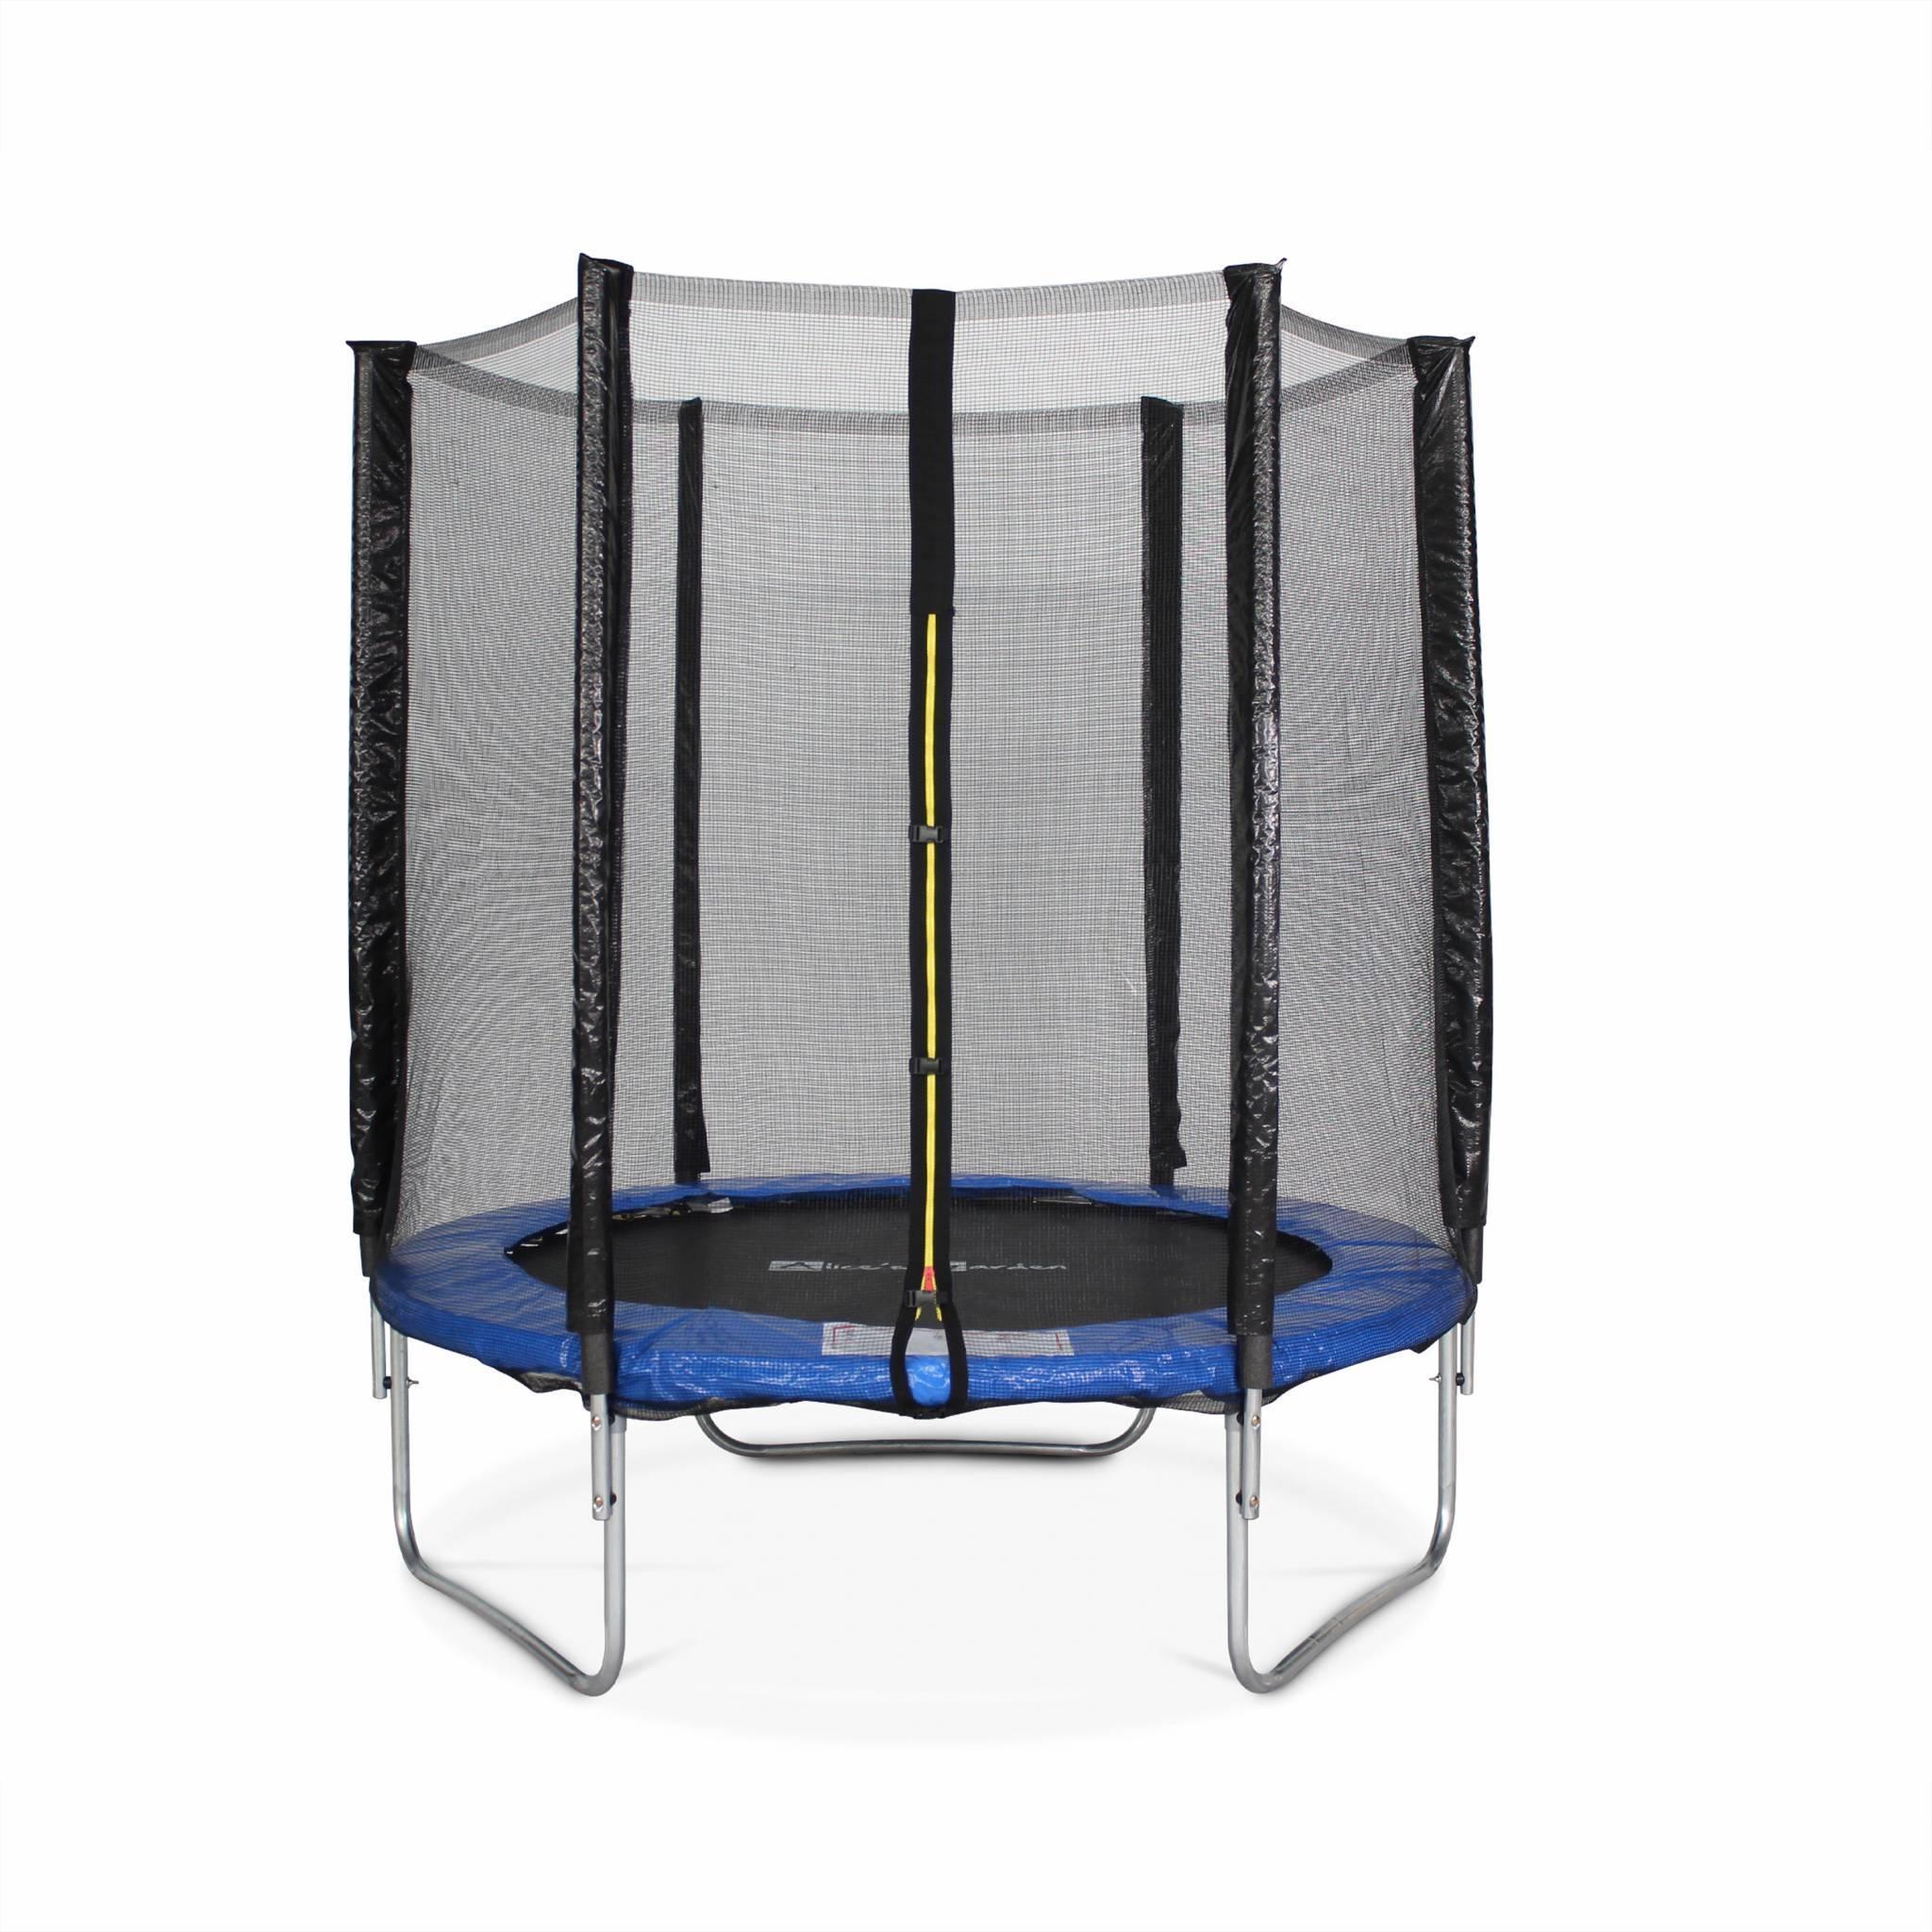 Trampoline rond Cassiopée Ø 180cm bleu avec son filet de protection - Trampoline de jardin 2m| Qualité PRO. | Normes EU